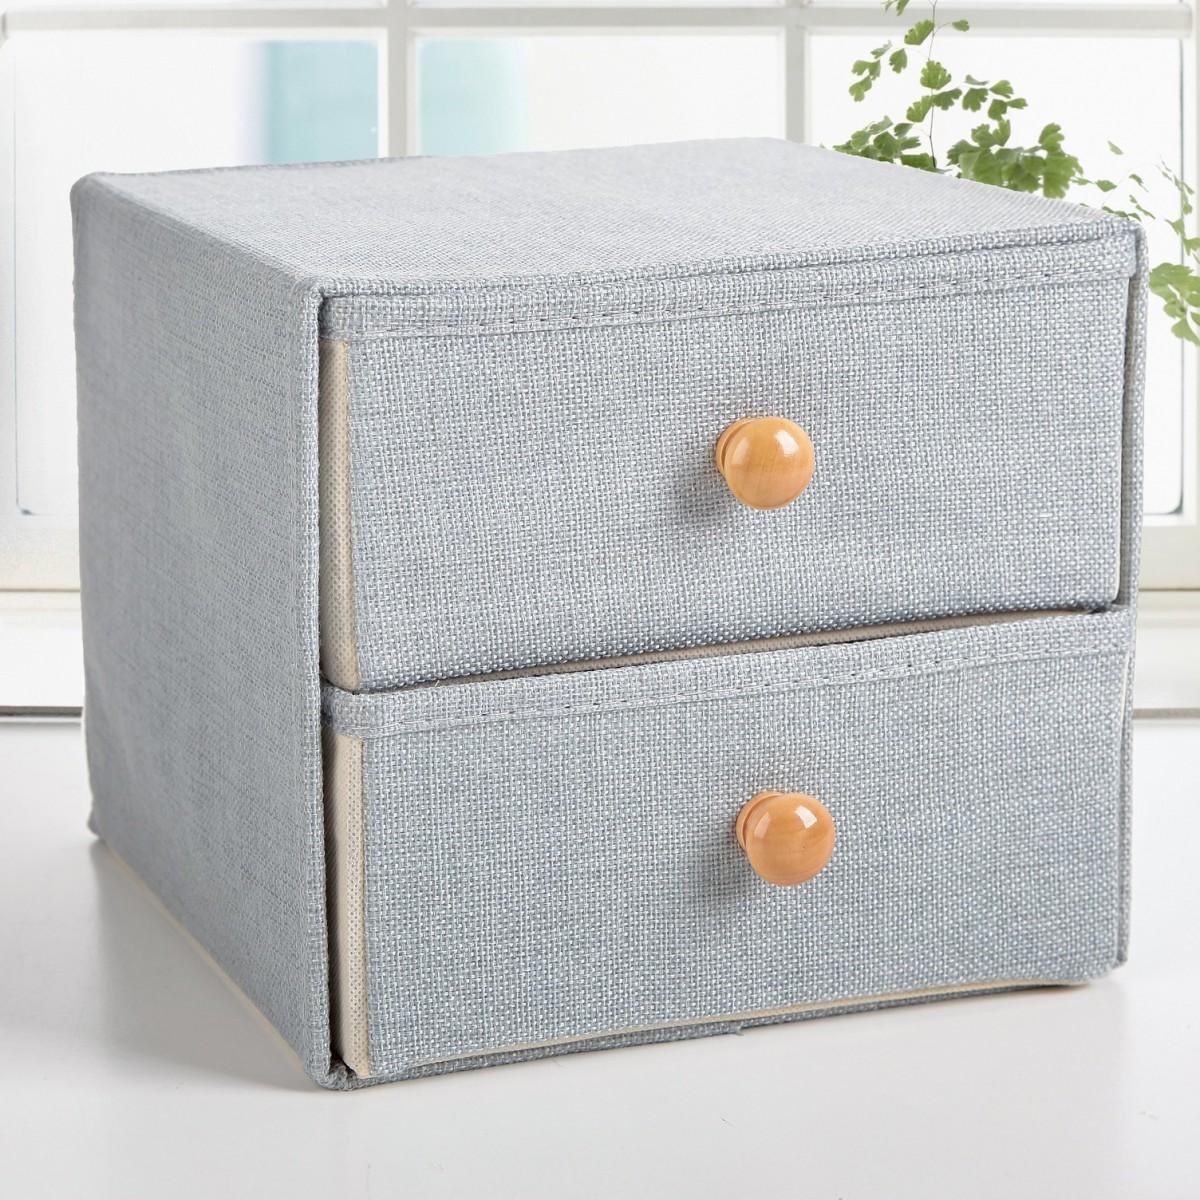 Короб тканевый на 2 ящика, голубой, 22 х 22 х 20,5 см